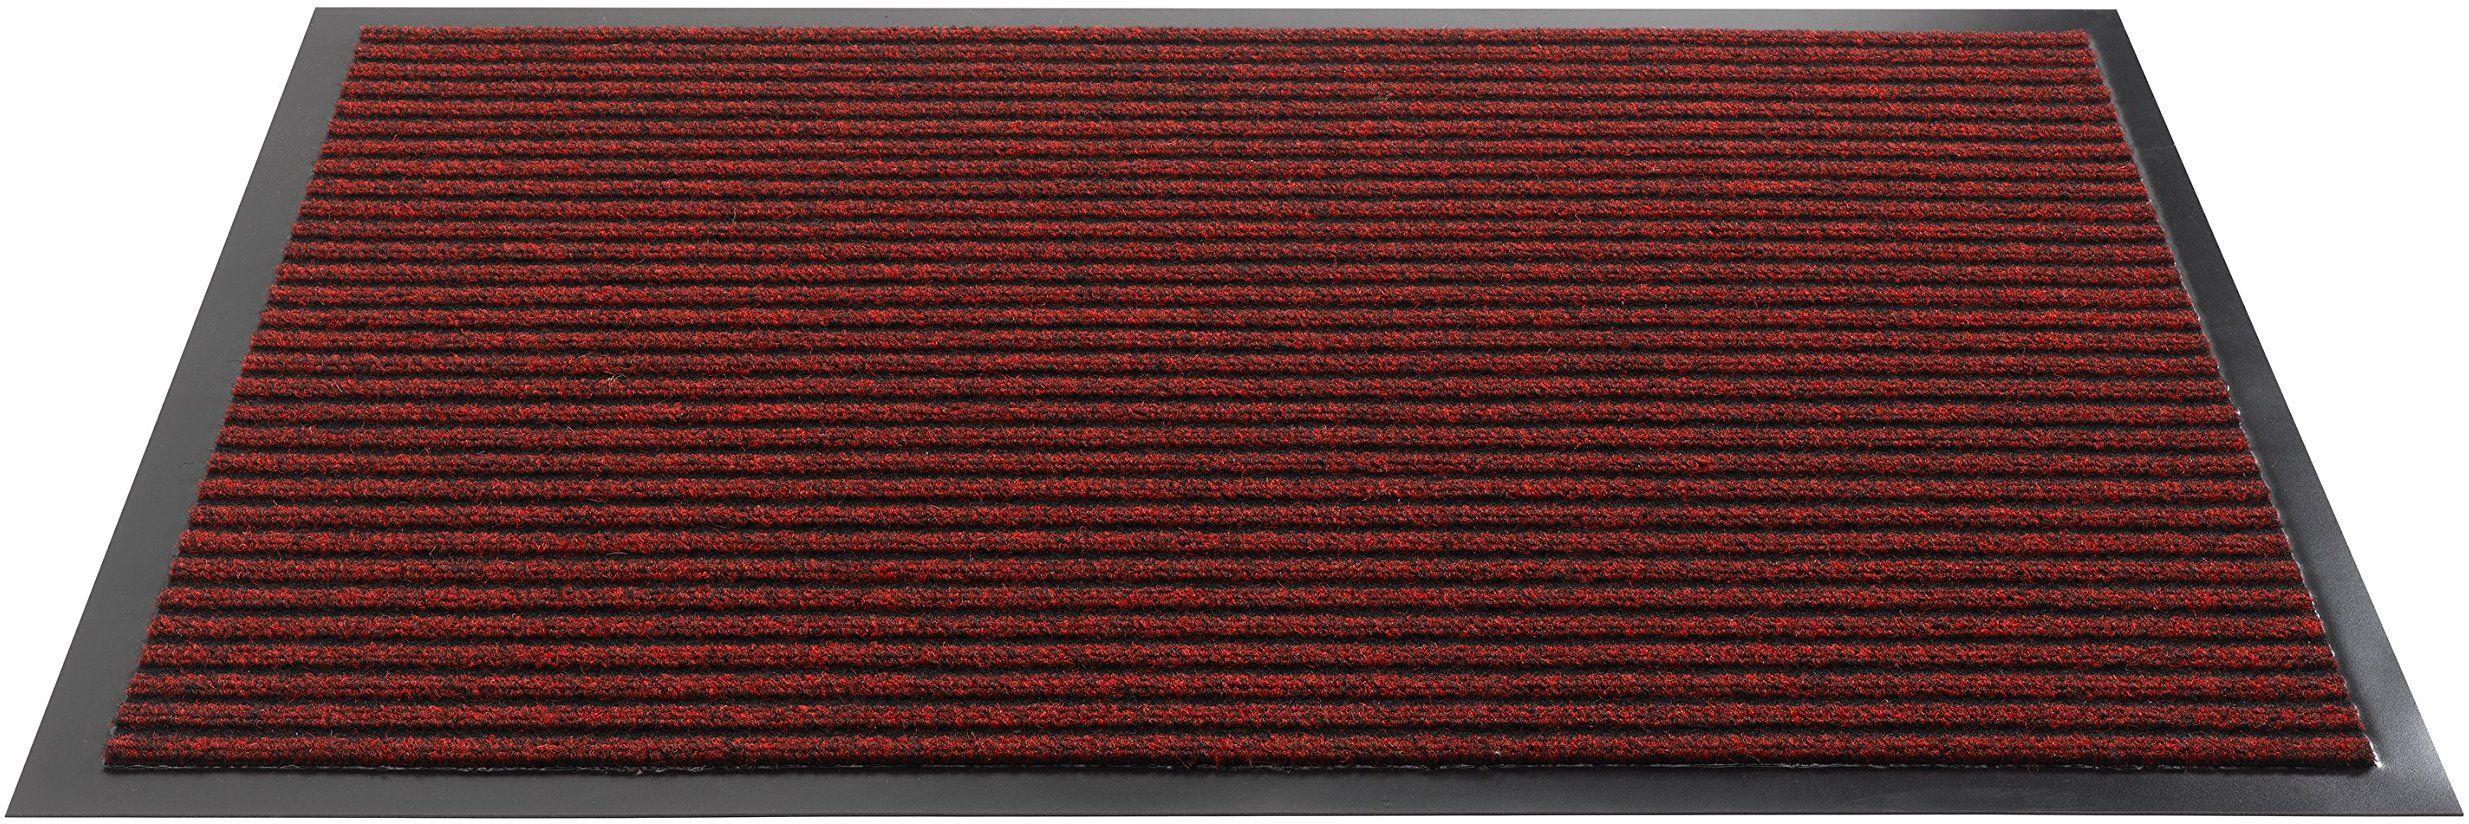 HMT 53300180120 wycieraczka z polipropylenu, kolor czerwony, 120 x 80 x 8 cm